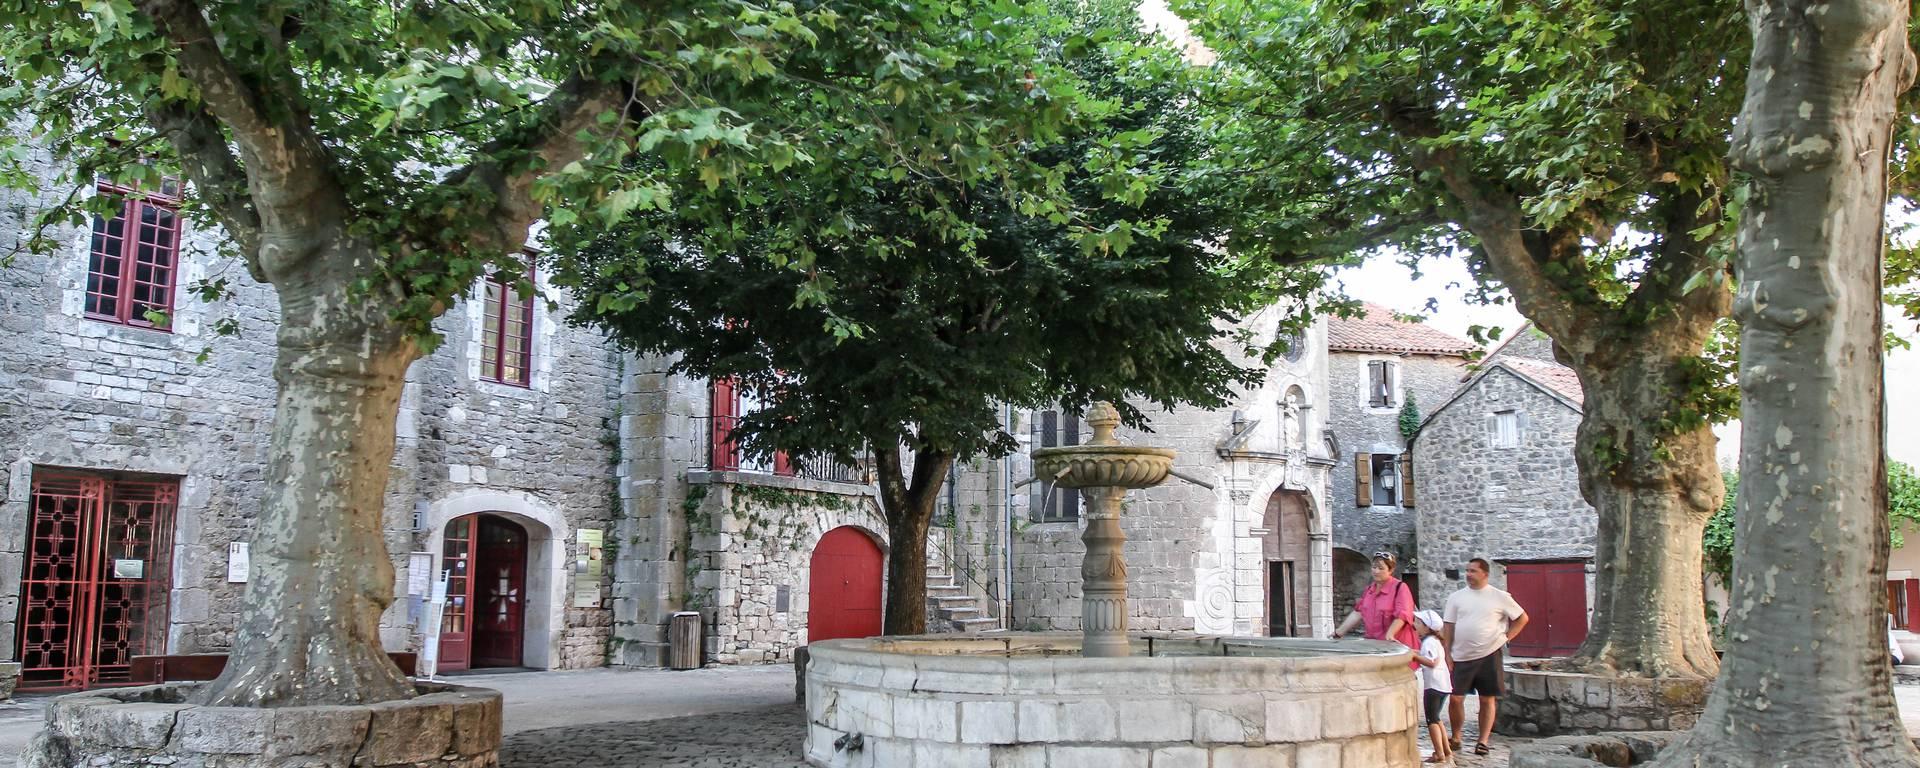 Journée groupe sur le Causse du Larzac, site templier de Sainte Eulalie de Cernon